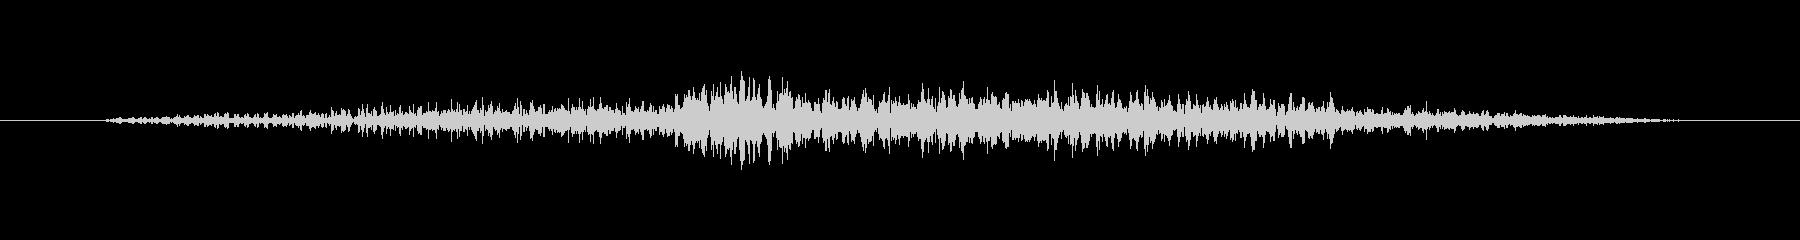 ゾンビ うめき声アイドルスロート02の未再生の波形